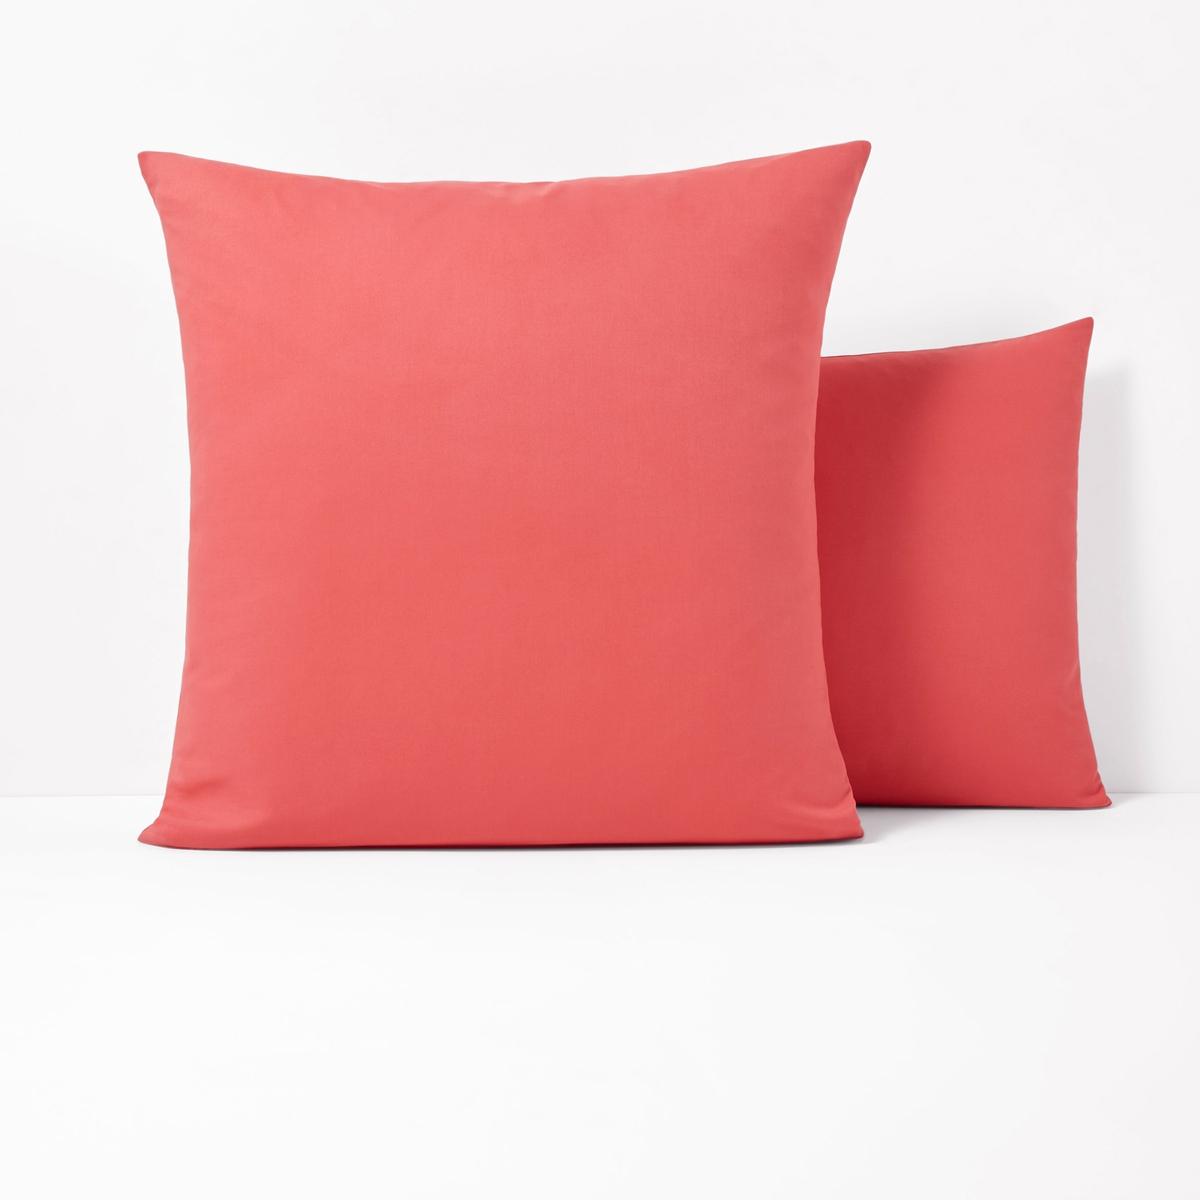 Наволочки из поликотонаКвадратная и прямоугольная наволочки из ткани 50% хлопка, 50% полиэстера плотного переплетения (57 нитей/см?) : длительный комфорт, отличная прочность. Чем больше плотность переплетения нитей/см?, тем качественнее материал.Характеристики наволочек из поликоттона без волана:- Наволочки (квадратная или прямоугольная) имеют широкий клапан для надёжного удерживания подушки.- В форме чехла, без воланов .- Отличная стойкость цветов к стиркам (60 °C), быстрая сушка, глажка не требуется.                                                                                                                                                                       Преимущества   : великолепная гамма очень современных оттенков для сочетания по желанию с простынями и пододеяльниками SCENARIO и рисунками коллекции. Знак Oeko-Tex® гарантирует, что товары протестированы и сертифицированы, не содержат вредных веществ, которые могли бы нанести вред здоровью.                                                                                                          Наволочка :50 x 70 см : прямоугольная наволочка63 x 63 см : квадратная наволочка                                                                                                                               Найдите другие предметы постельного белья SC?NARIO на нашем сайте<br><br>Цвет: желтый лимонный,розовый коралловый